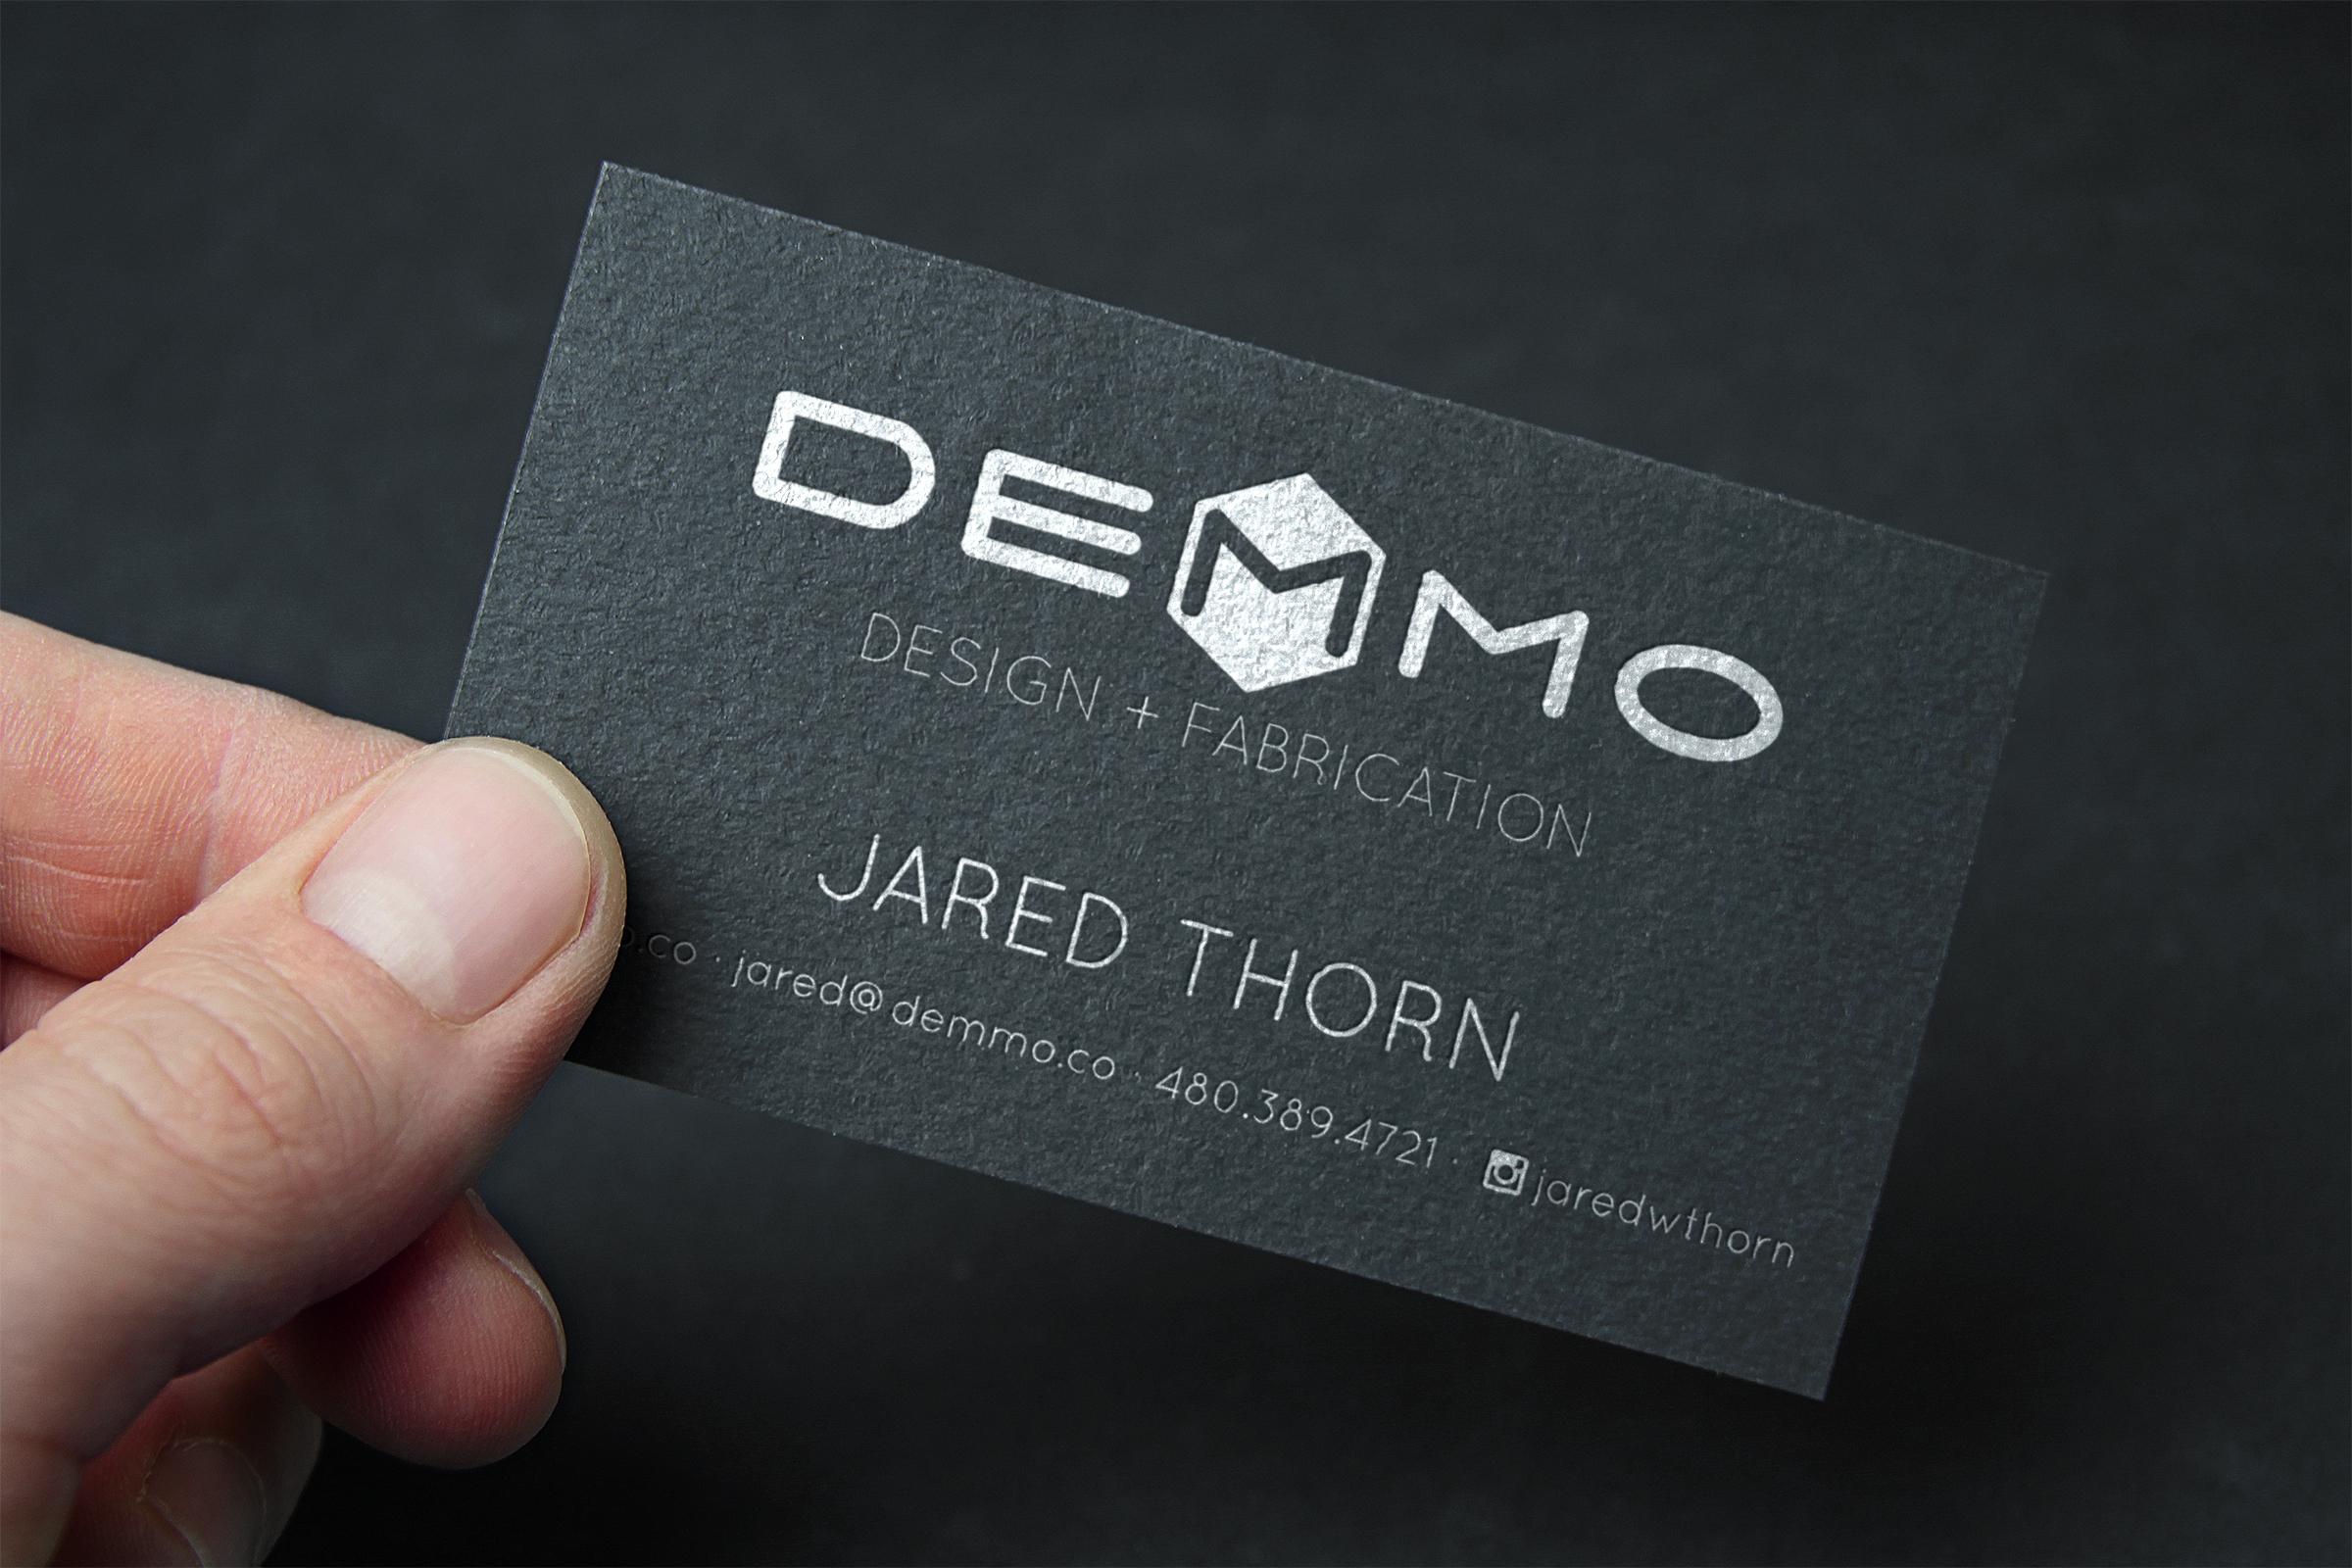 Demmo Design + Fabrication – emily longbrake